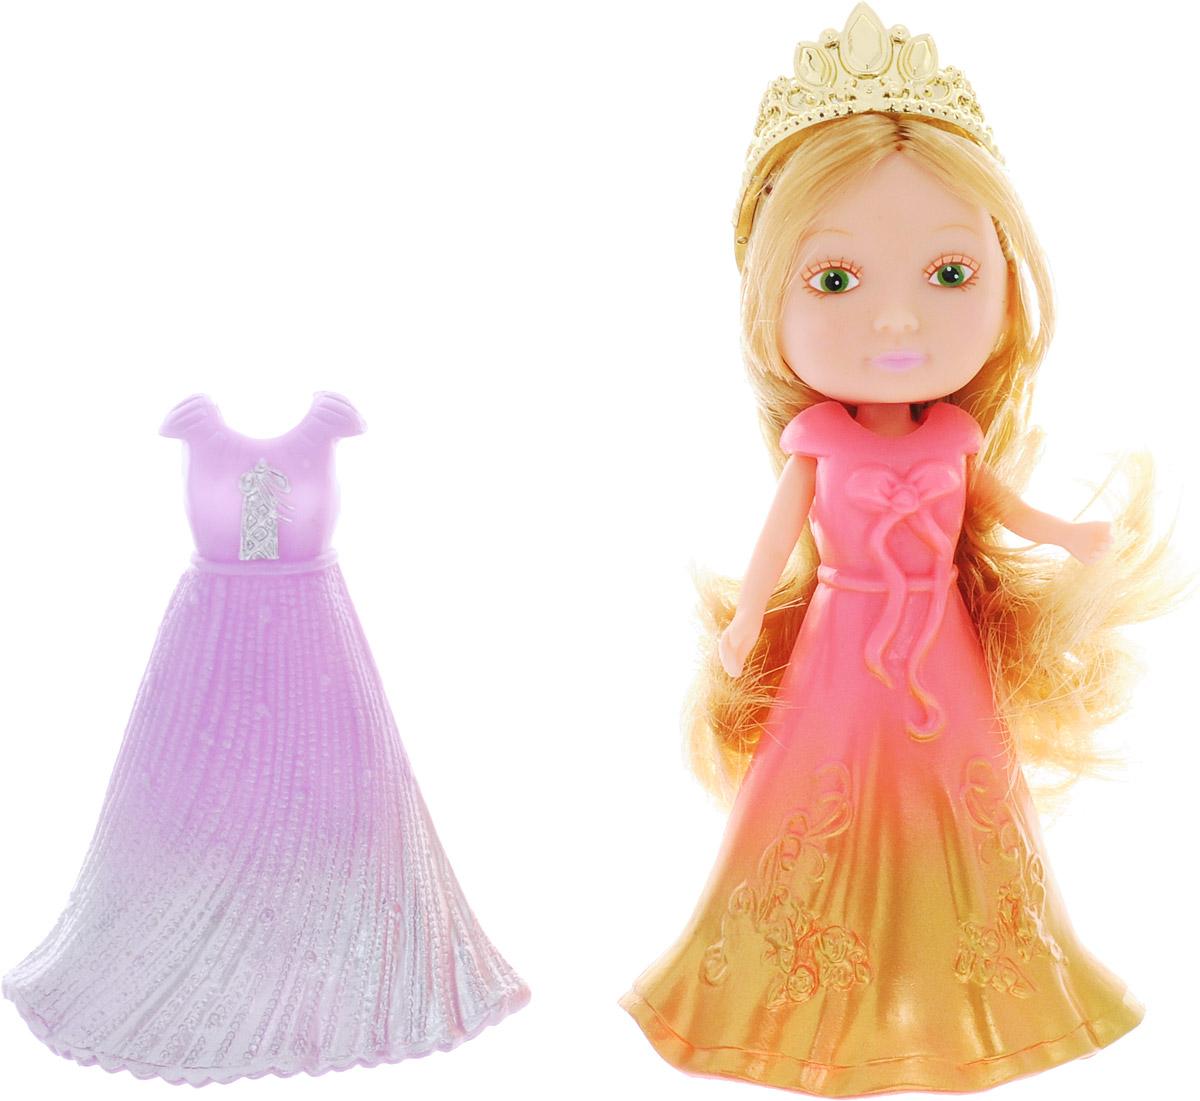 Veld-Co Мини-кукла Принцесса цвет золотистый сиреневый розовый